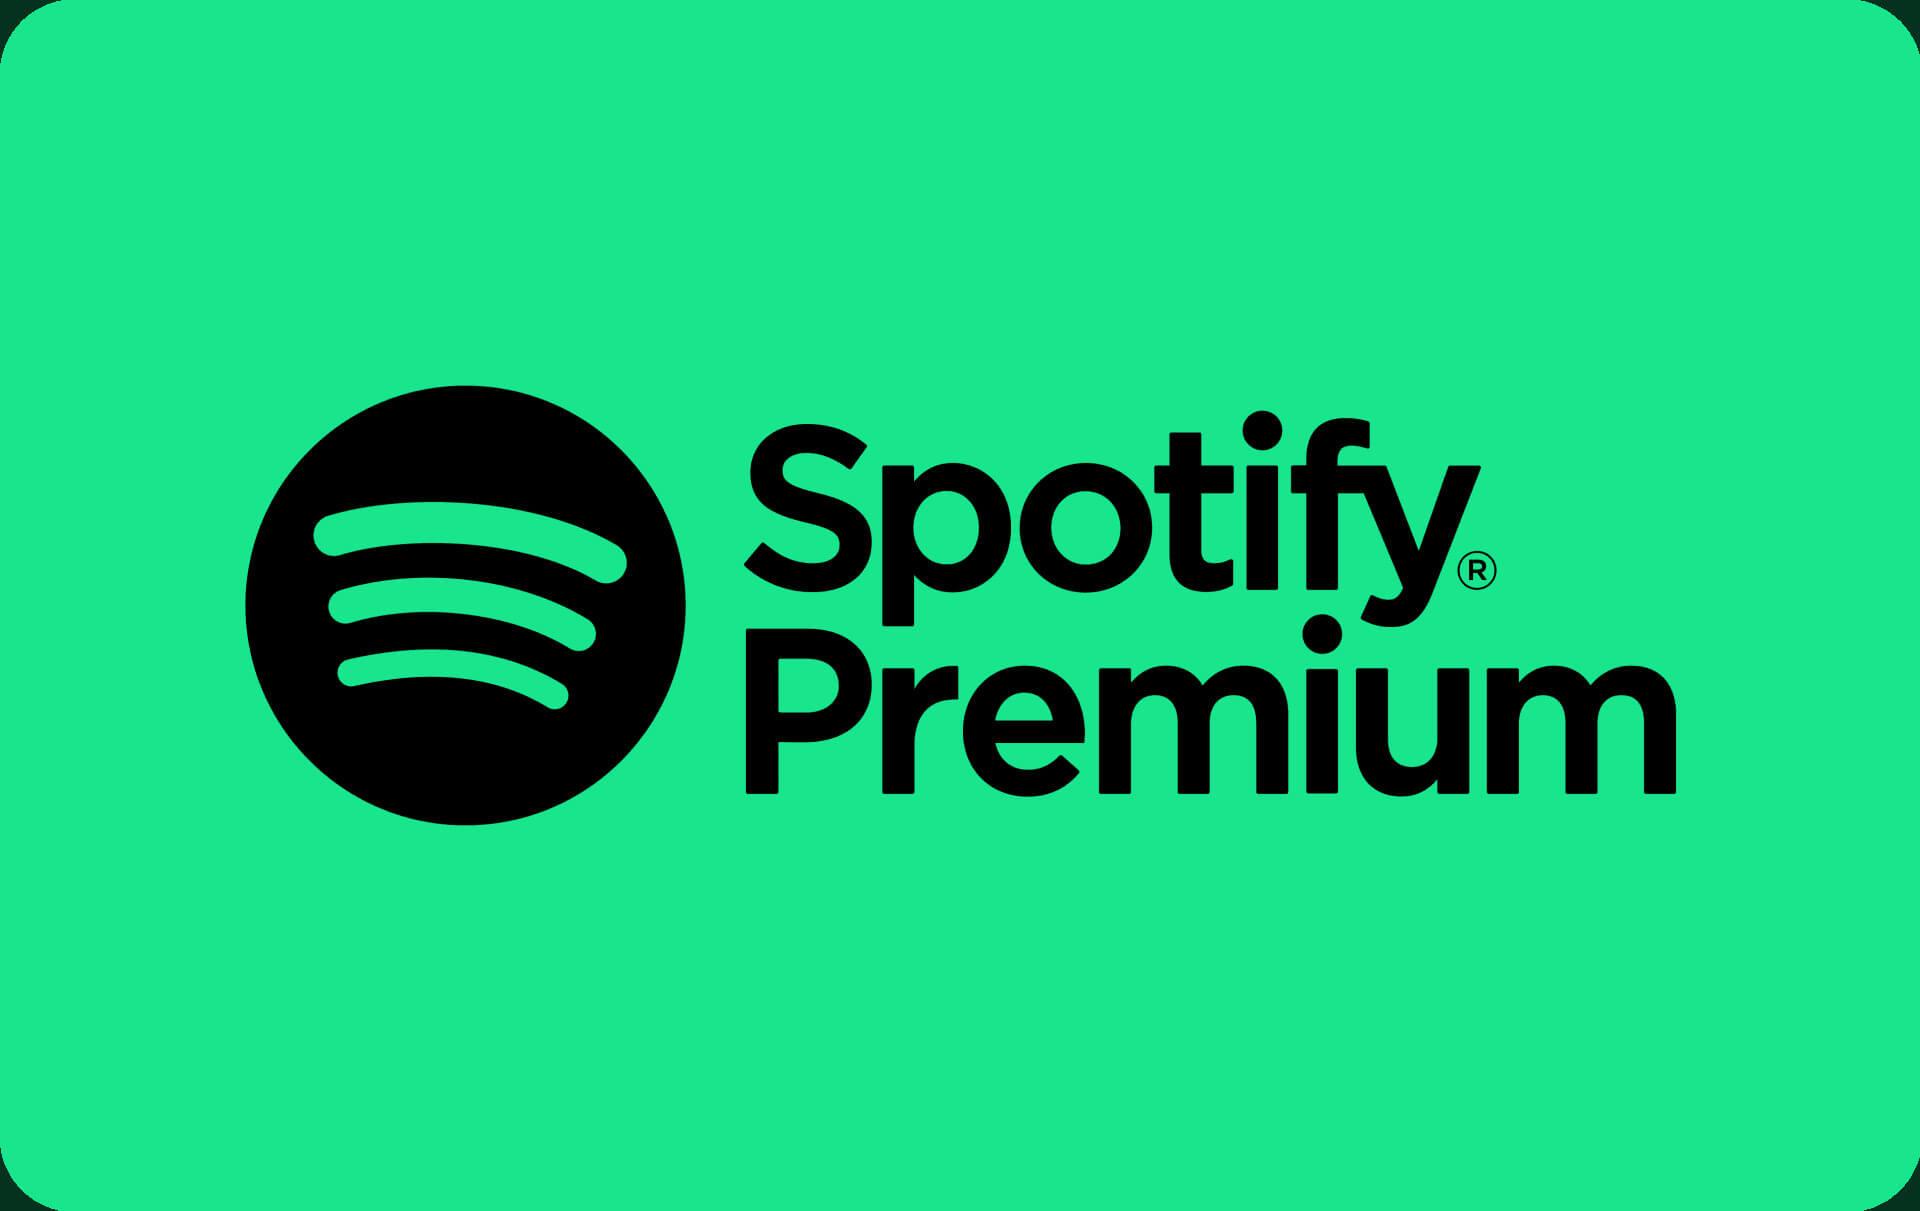 Spotify günlük ve haftalık abonelik sistemleri üzerinde çalışıyor